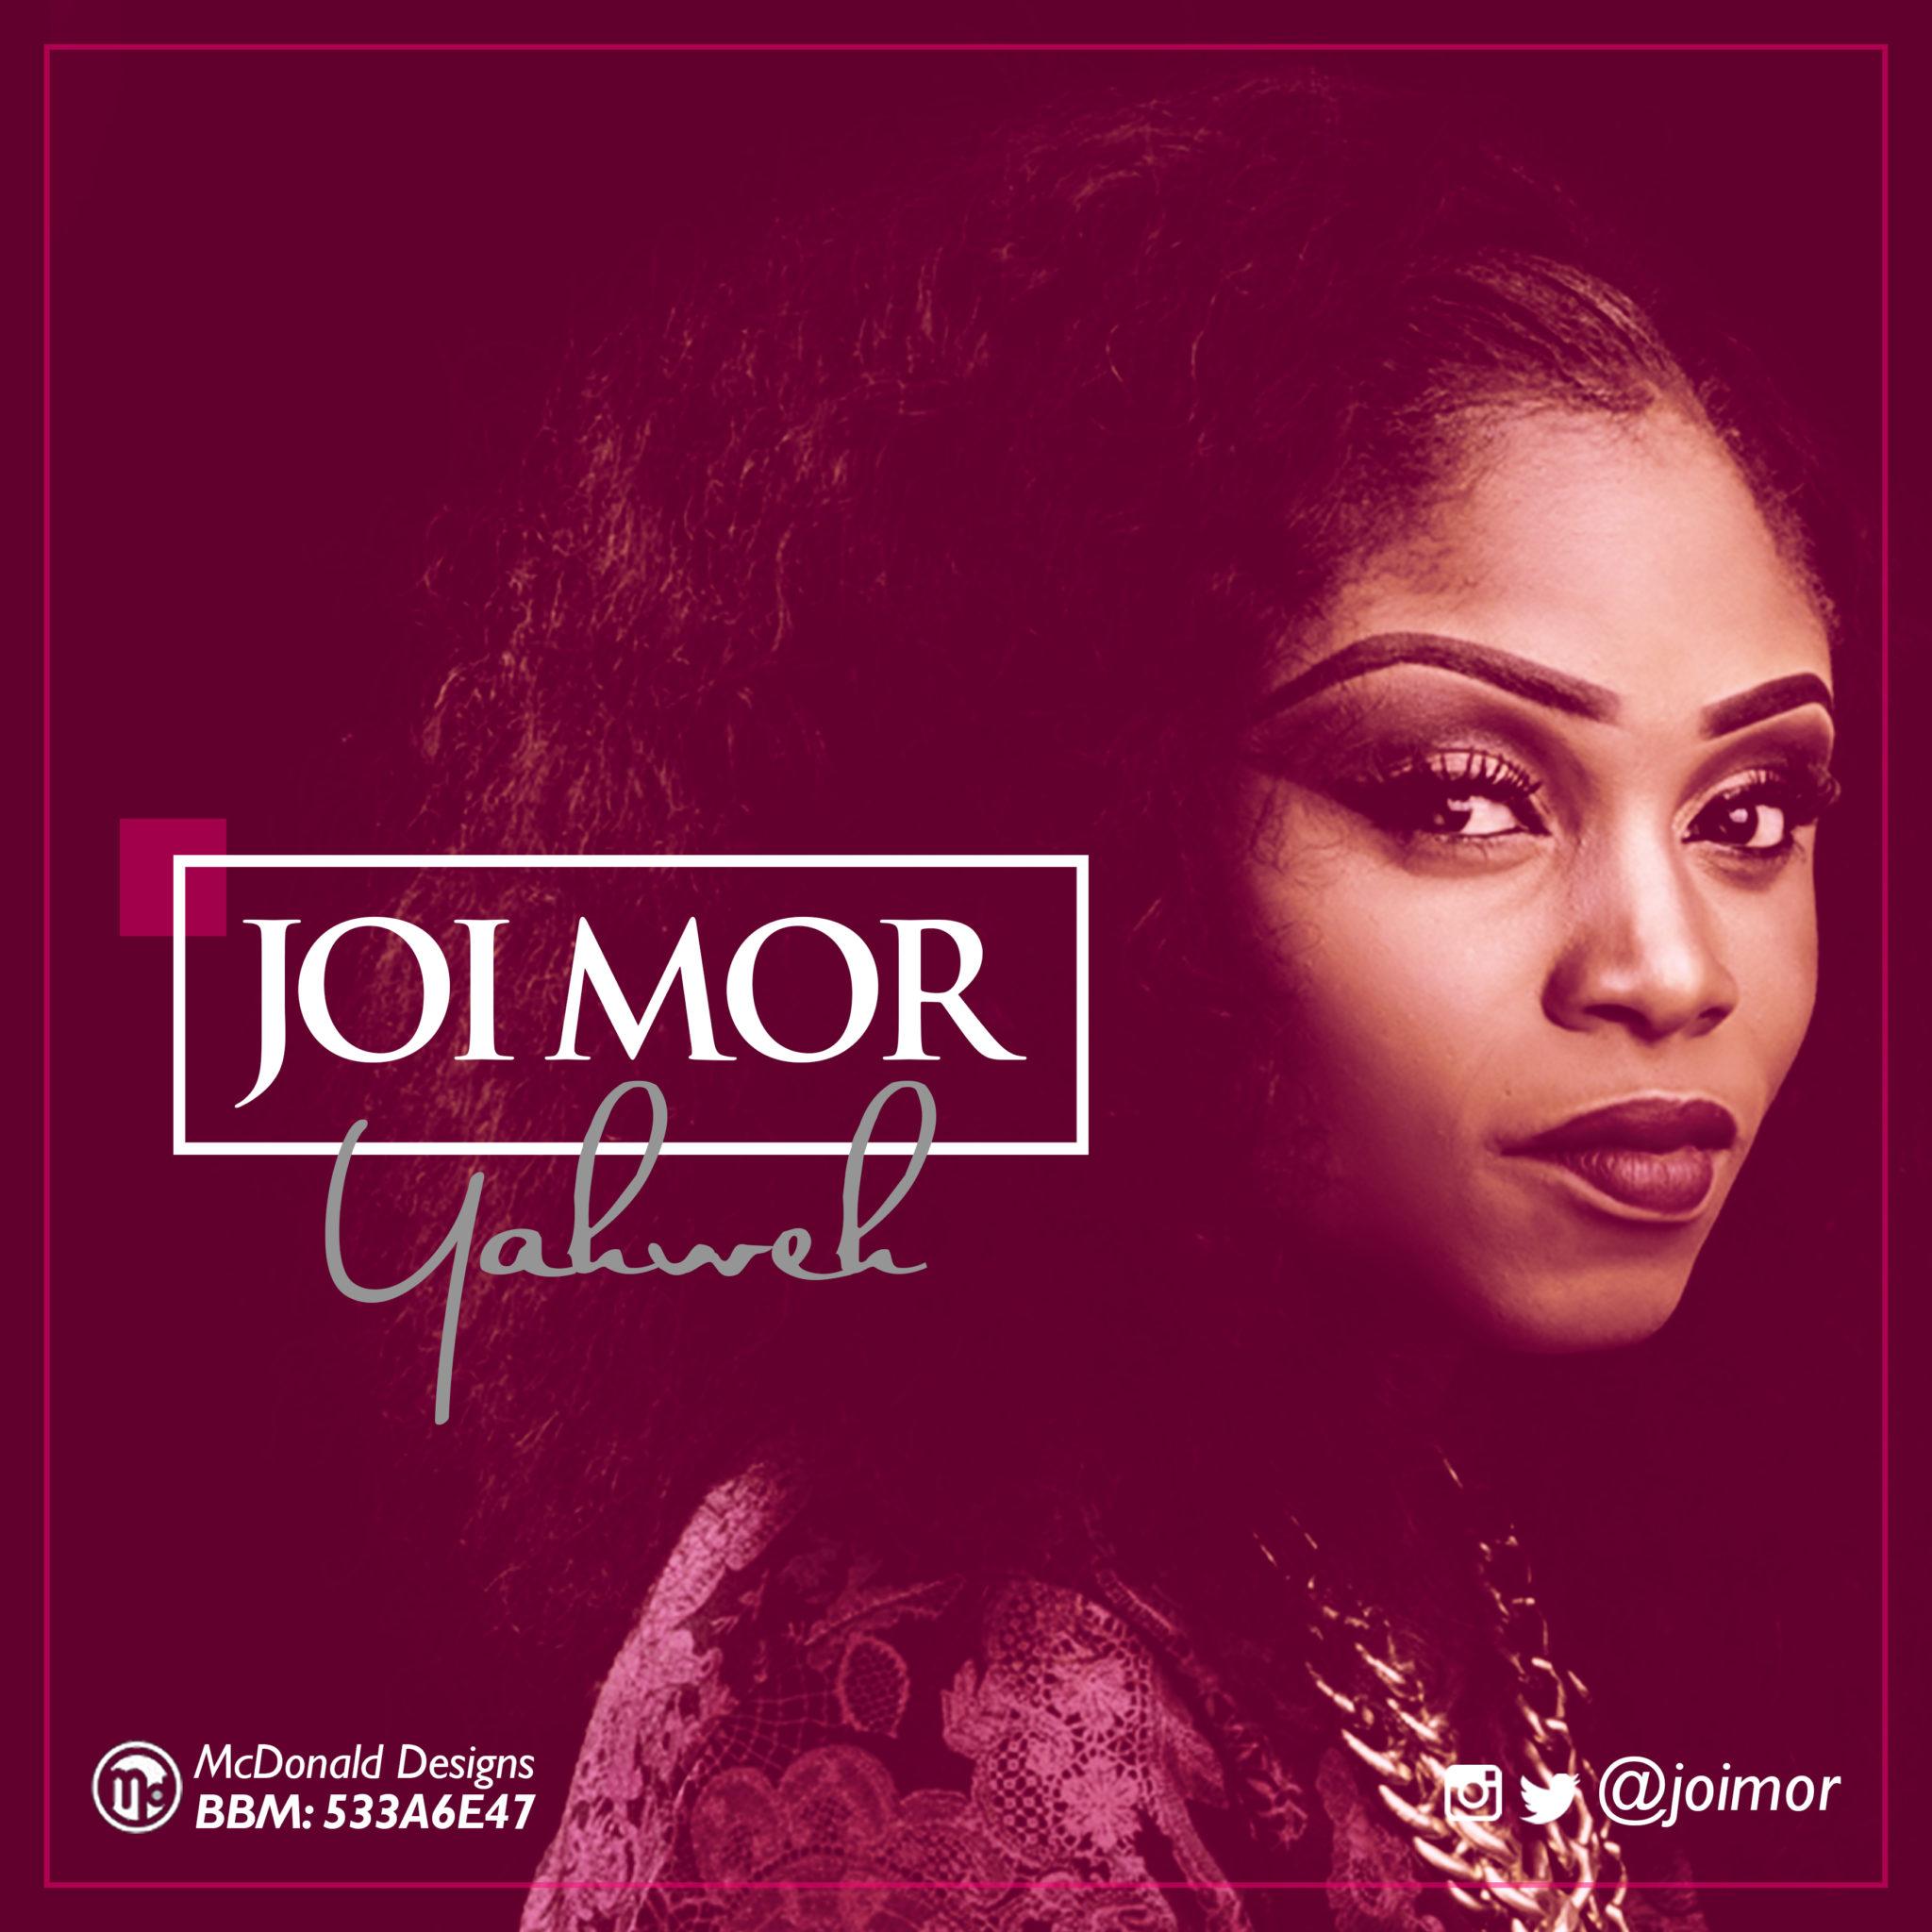 Joi Mor - Yahweh